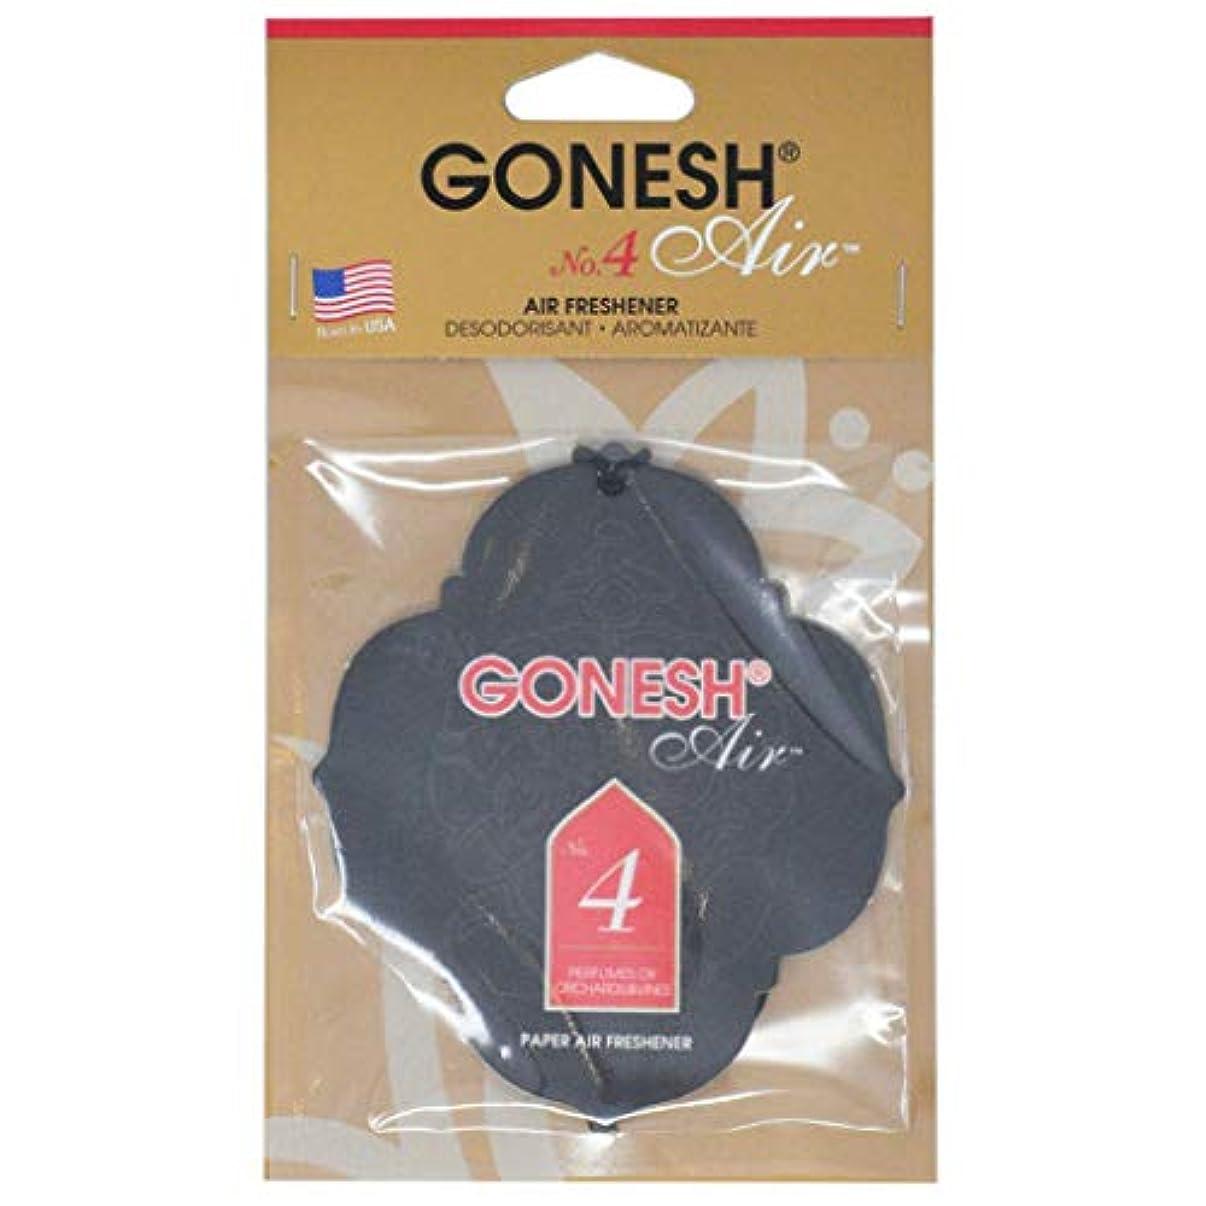 考え人気ノートGONESH(ガーネッシュ) GONESHペ-パ-エアフレッシュナ- No.4 96mm×3mm×170mm